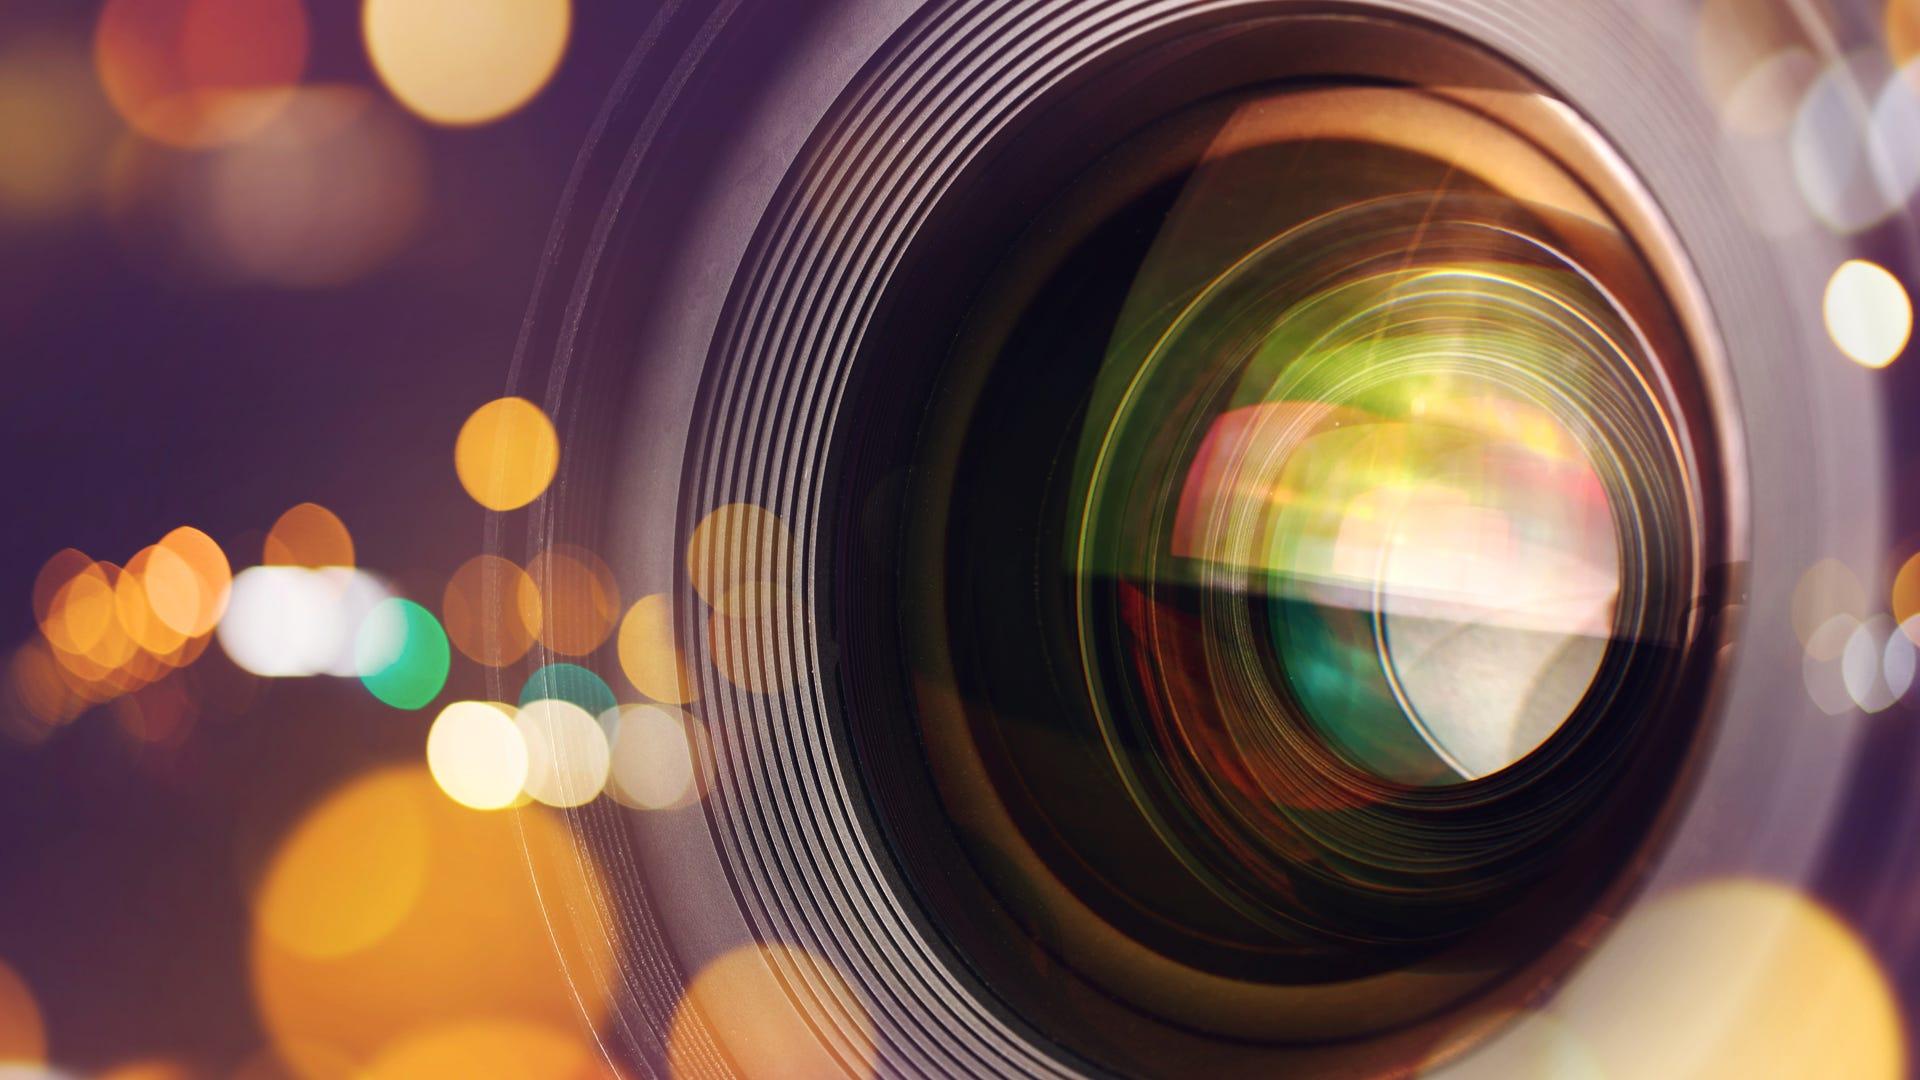 5 Best Camera Lenses For Bokeh Photography